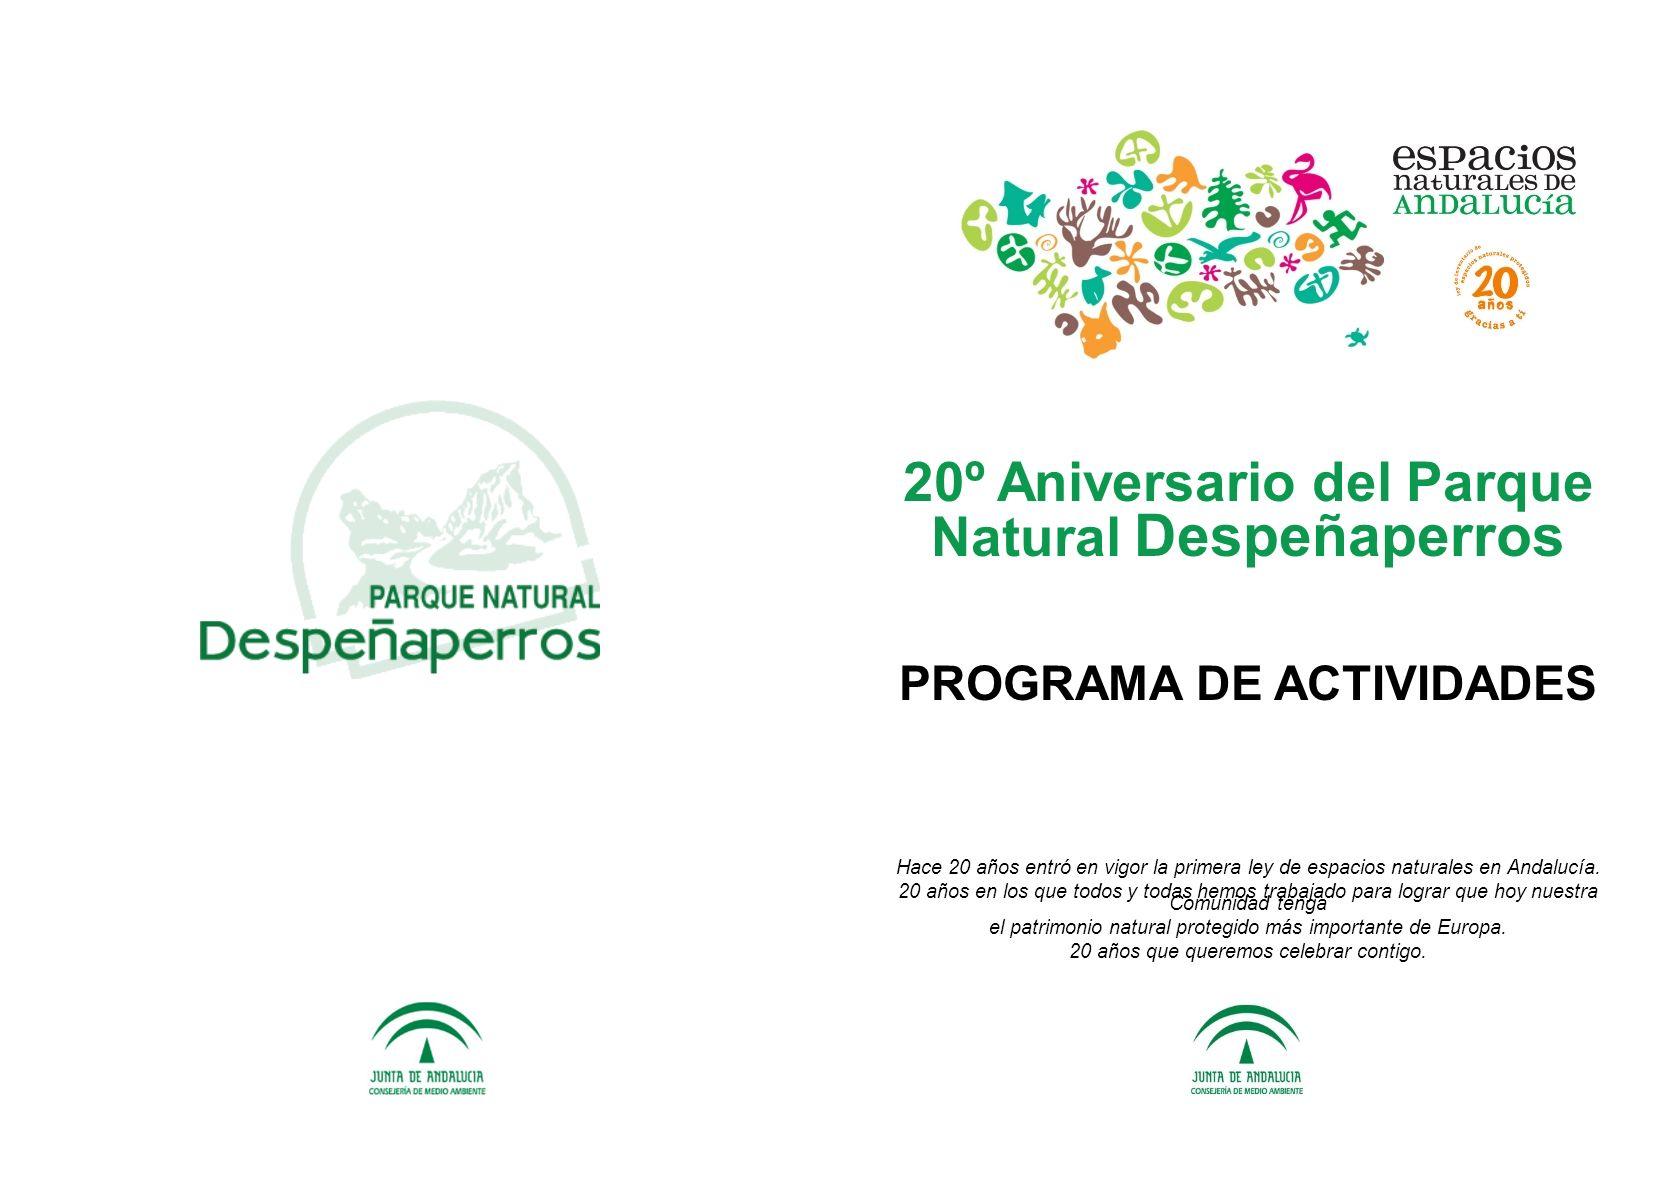 20º Aniversario del Parque Natural Despeñaperros